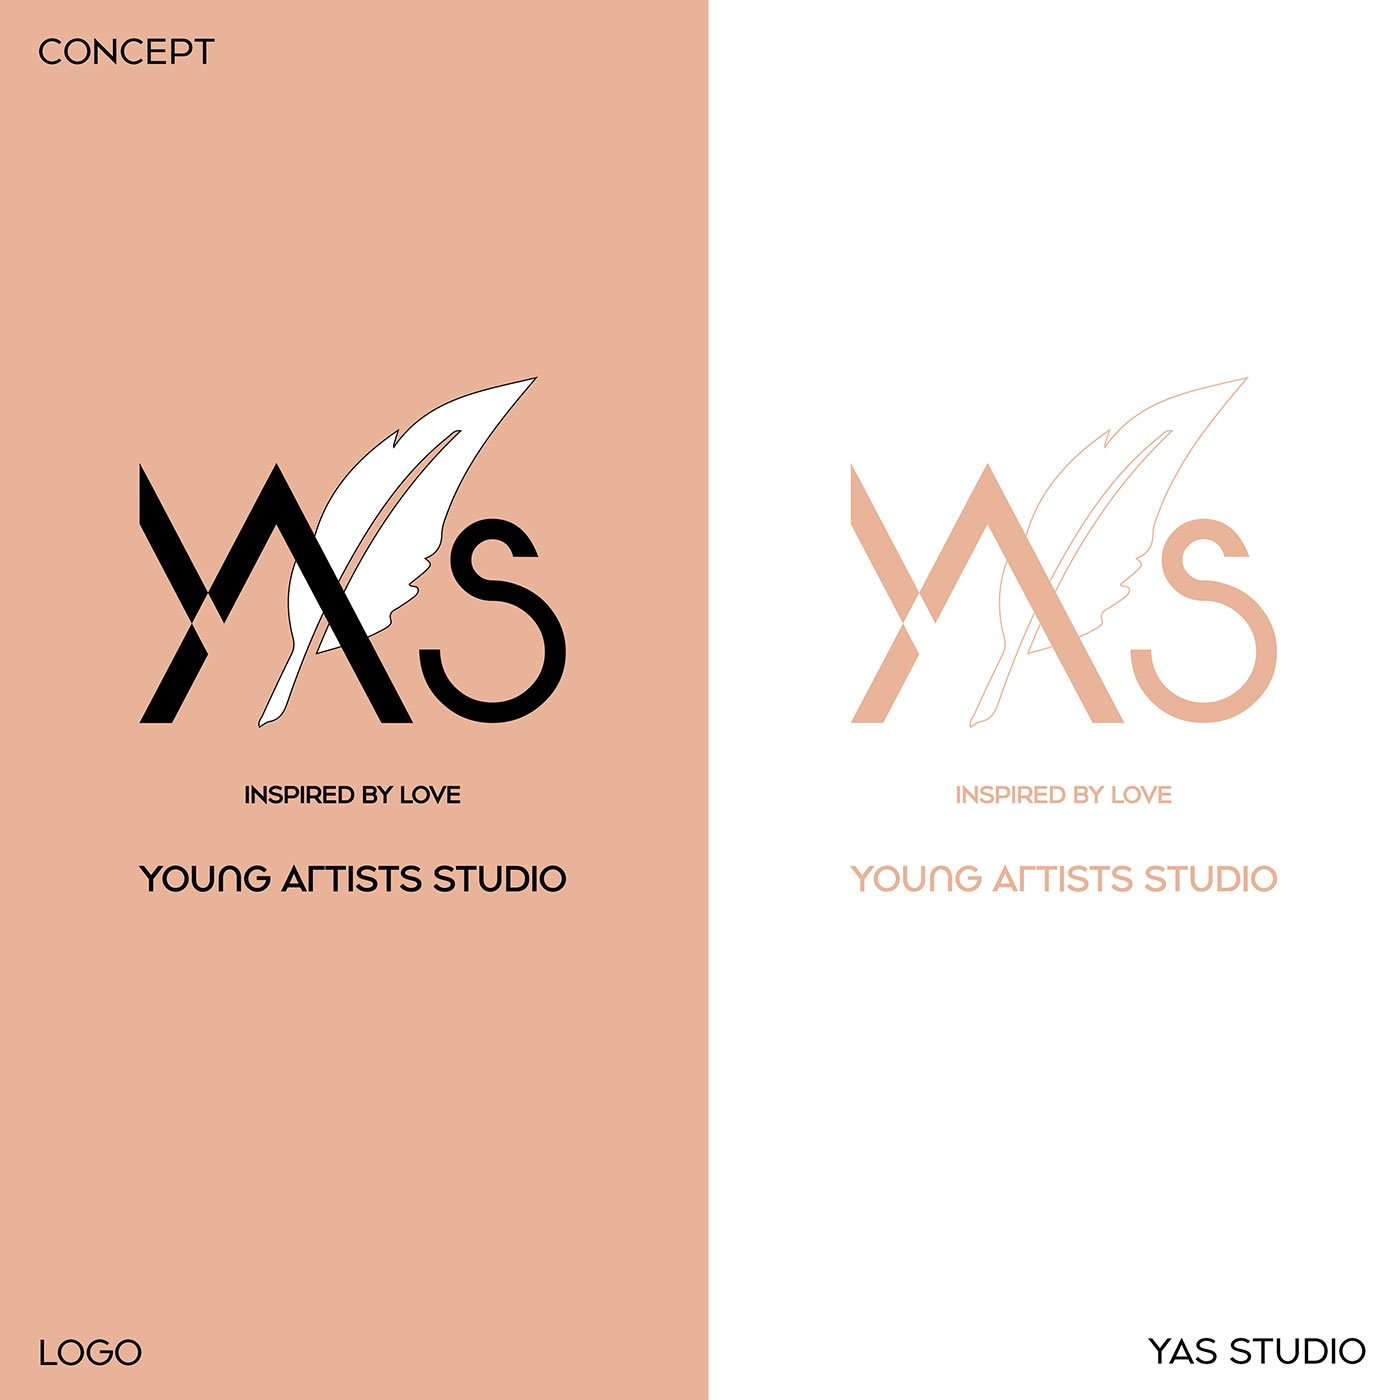 logo YAS Young Artists Studio-quảng-bá-thương-hiệu-thiết-kế-branding-cho-thương-hiệu YAS-xây-dựng-logo-doanh-nghiệp-thiết-kế-ấn-phẩm-quảng-cáo-thương-hiệu-thiết-kế-Helixgram